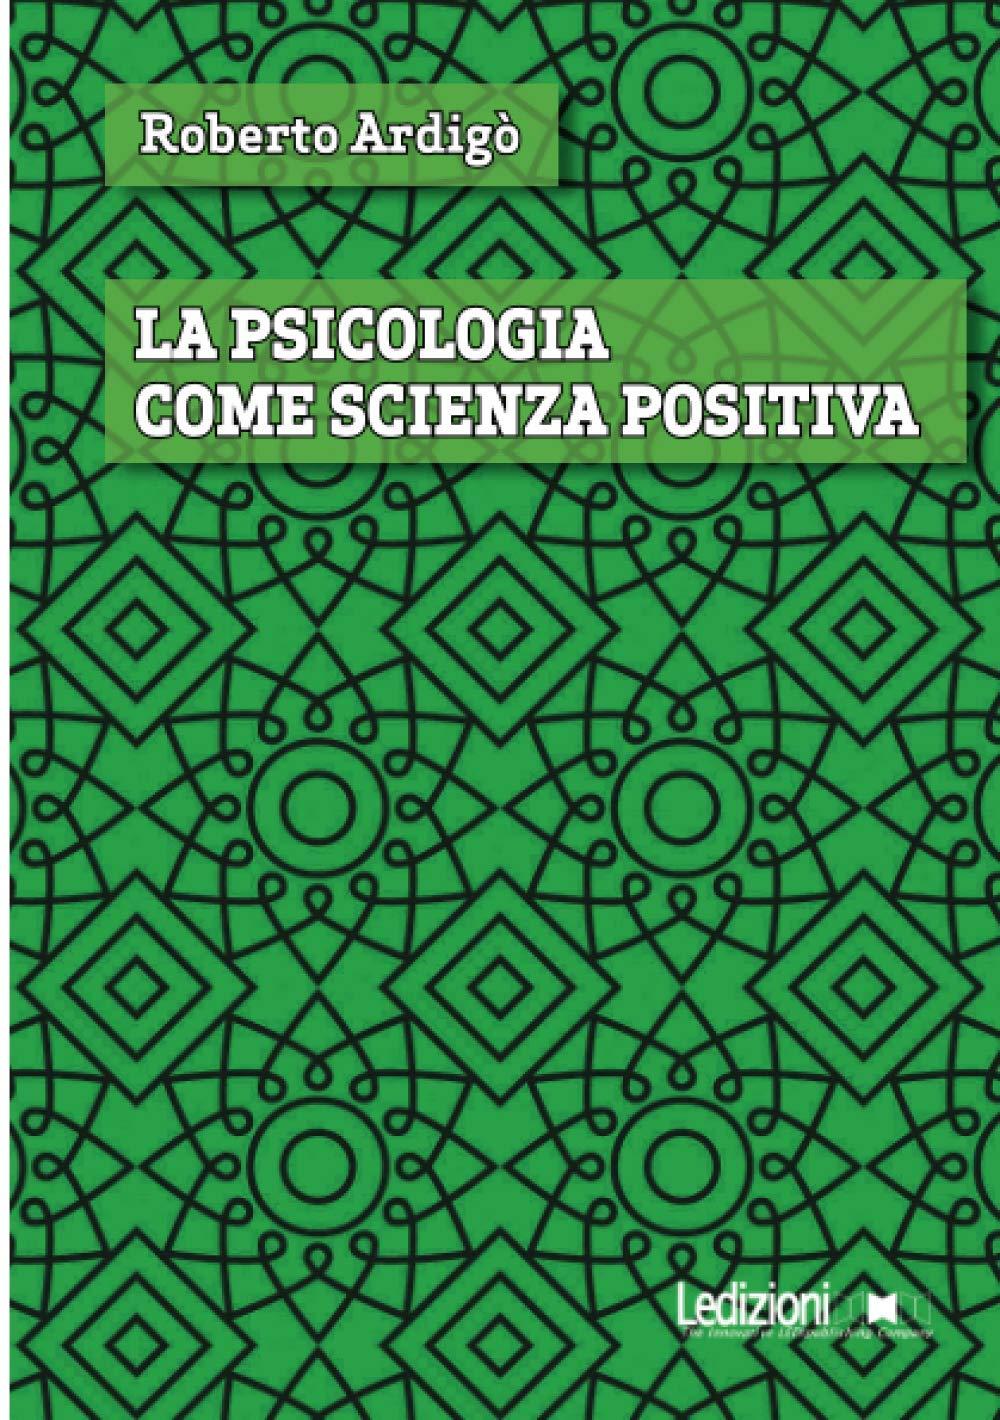 Roberto Ardigò - La psicologia come scienza positiva (2020)